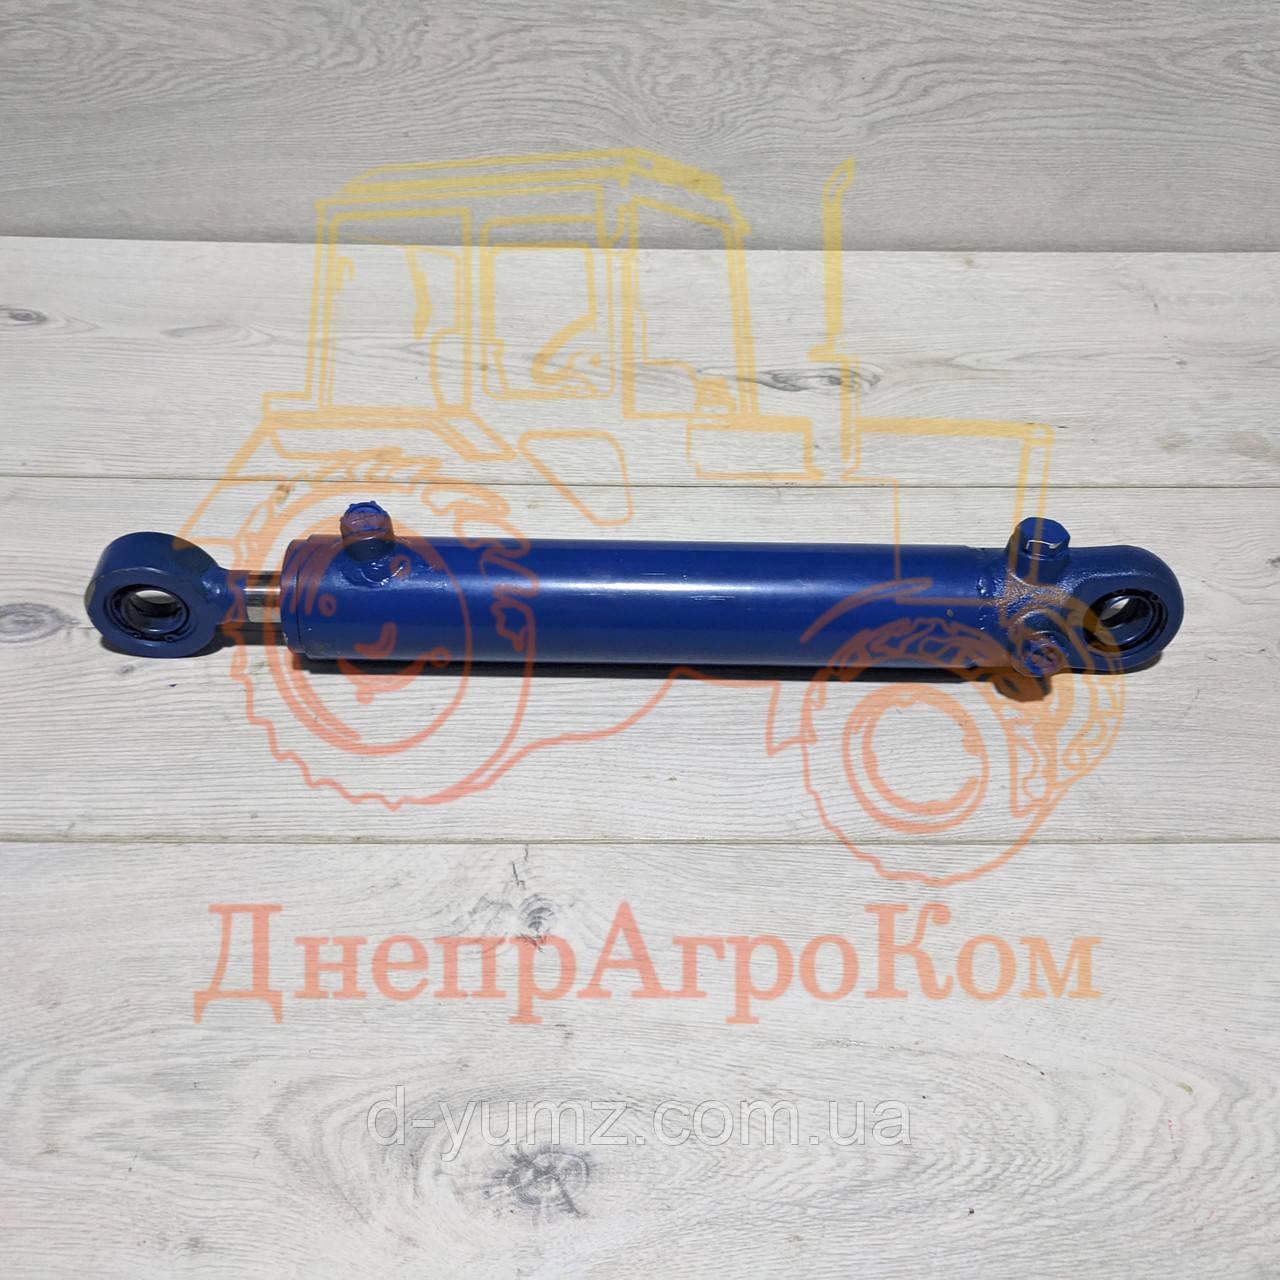 Гидроцилиндр рулевой Ц50-25-250